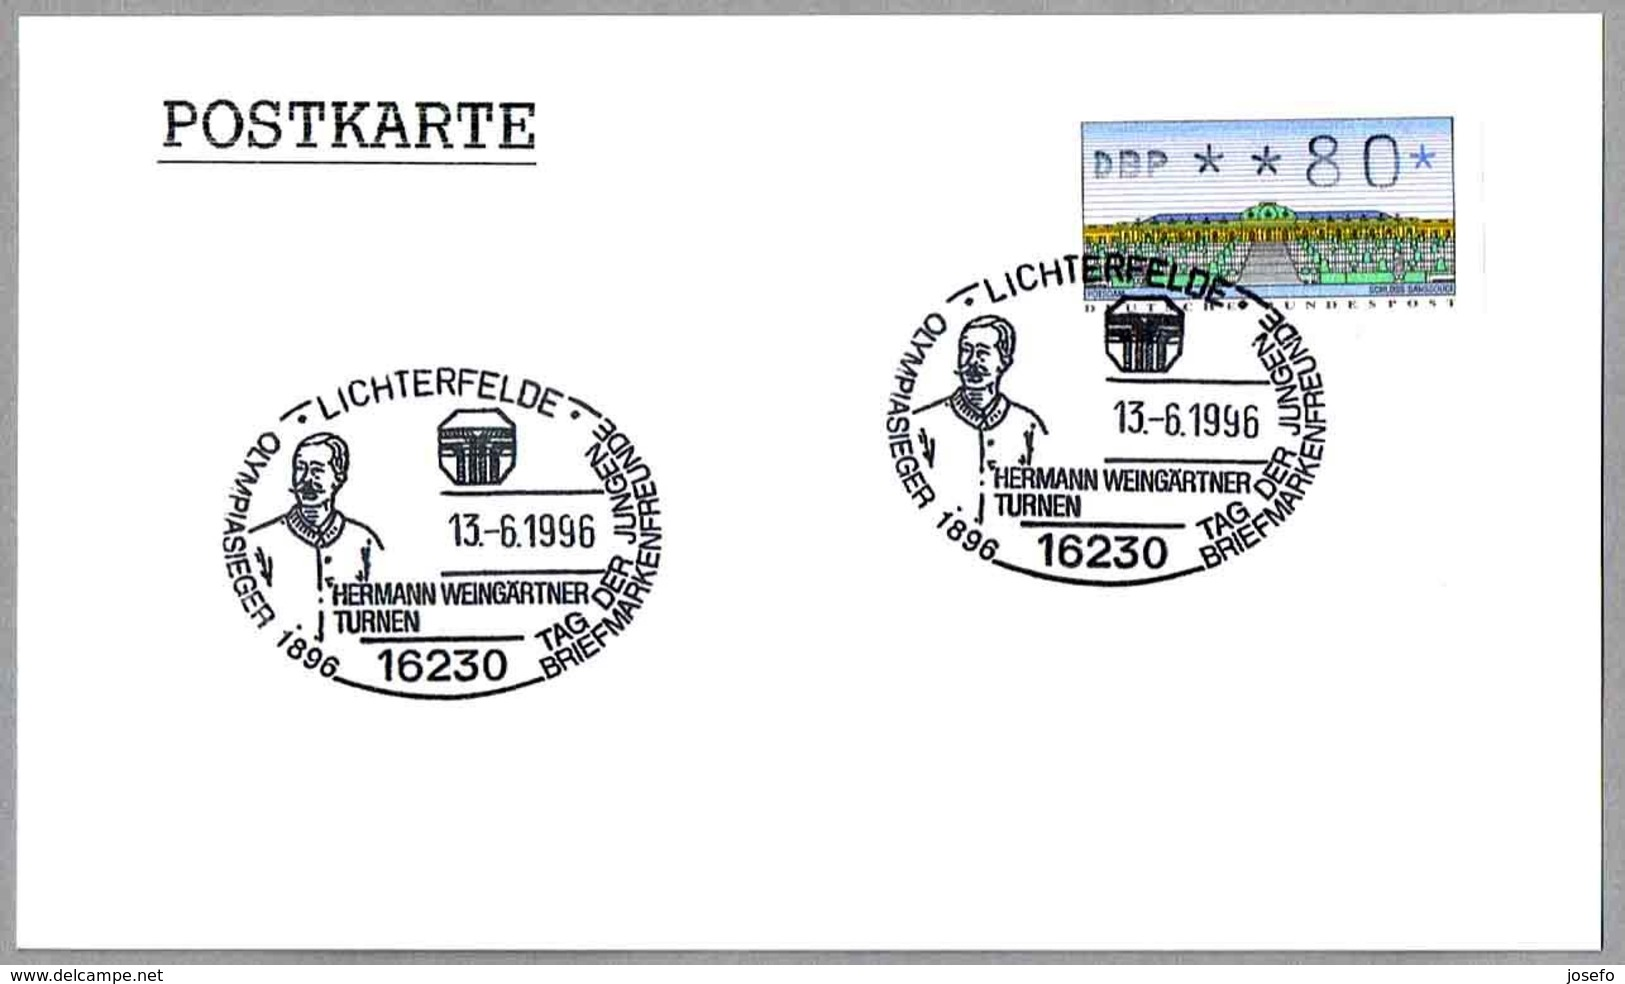 HERMANN WEINGARTNER - Campeon Olimpico Gimnasia Atenas 1986. Lichterfelde 1996 - Verano 1896: Atenas